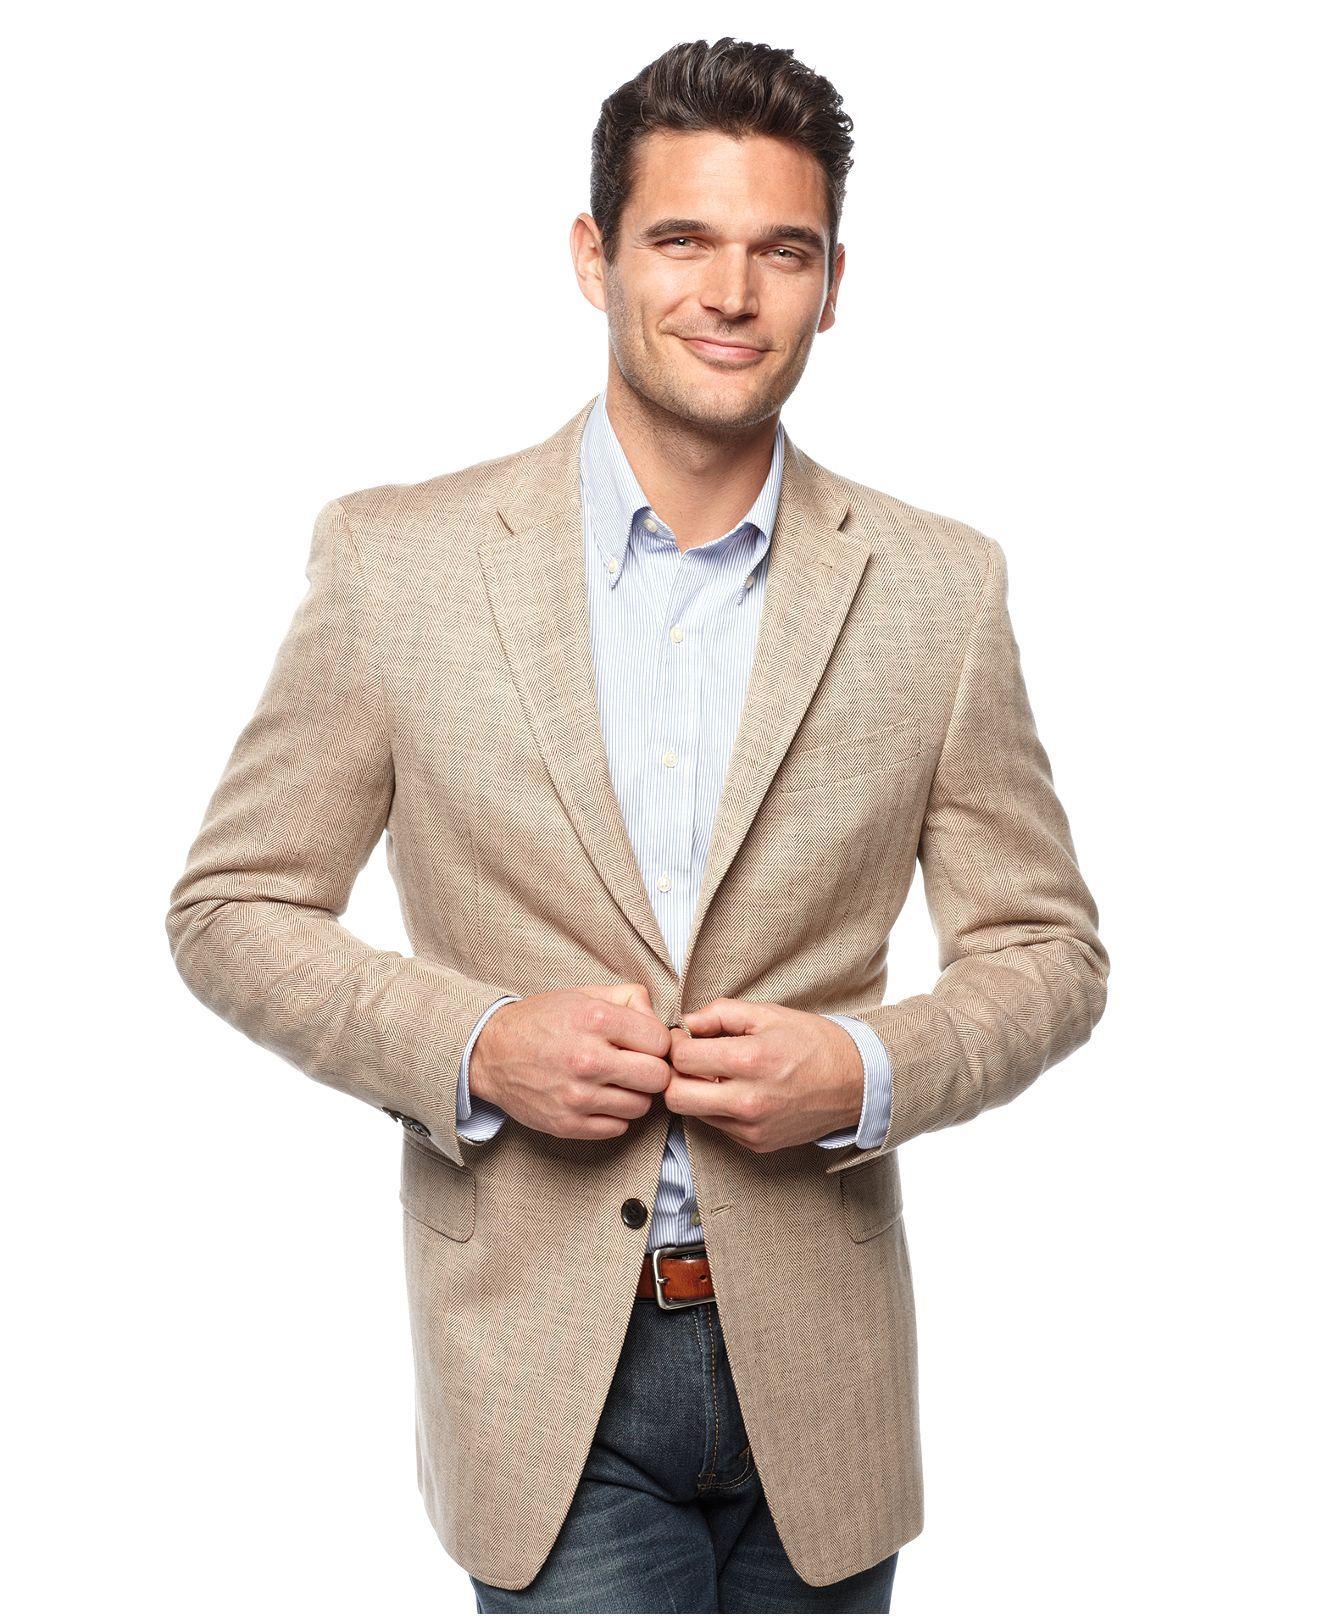 Tommy Hilfiger Jacket Tan Herringbone Slim Fit Blazer Mens Blazers Sport Coats Macy S Slim Fit Blazers Tommy Hilfiger Jackets Blazer Outfit Men [ 1616 x 1320 Pixel ]